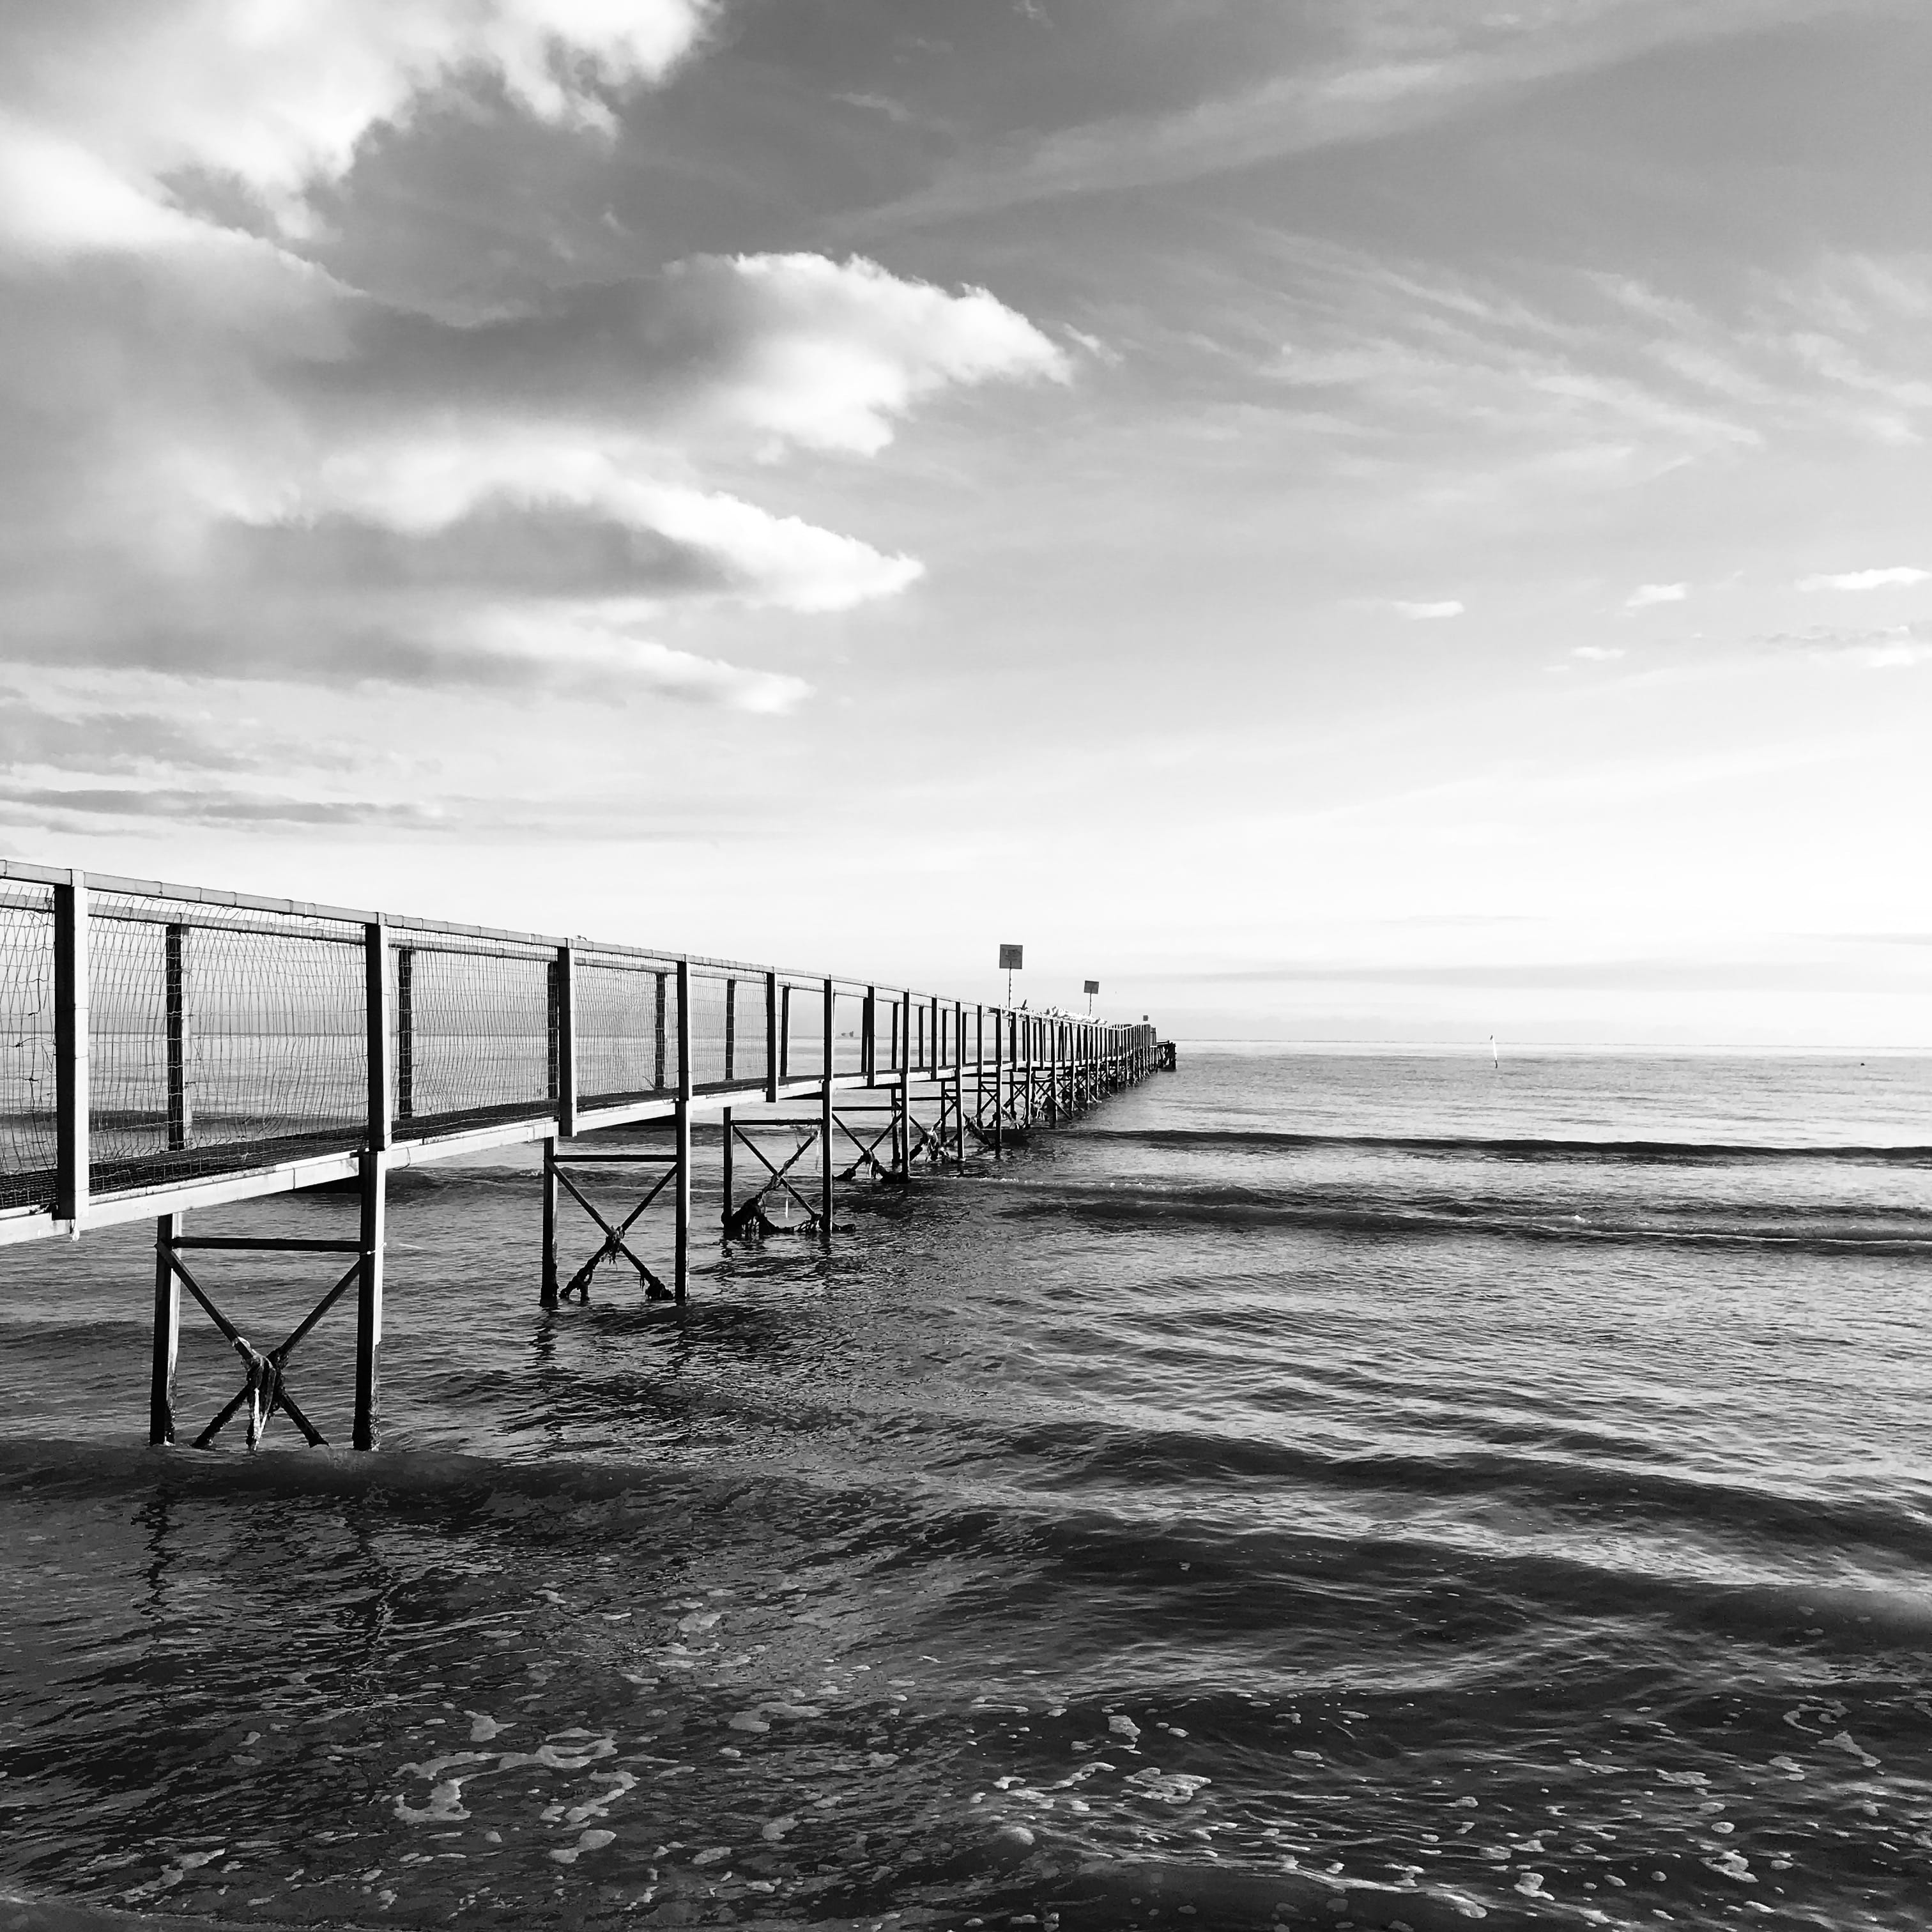 ©2018 Rimini